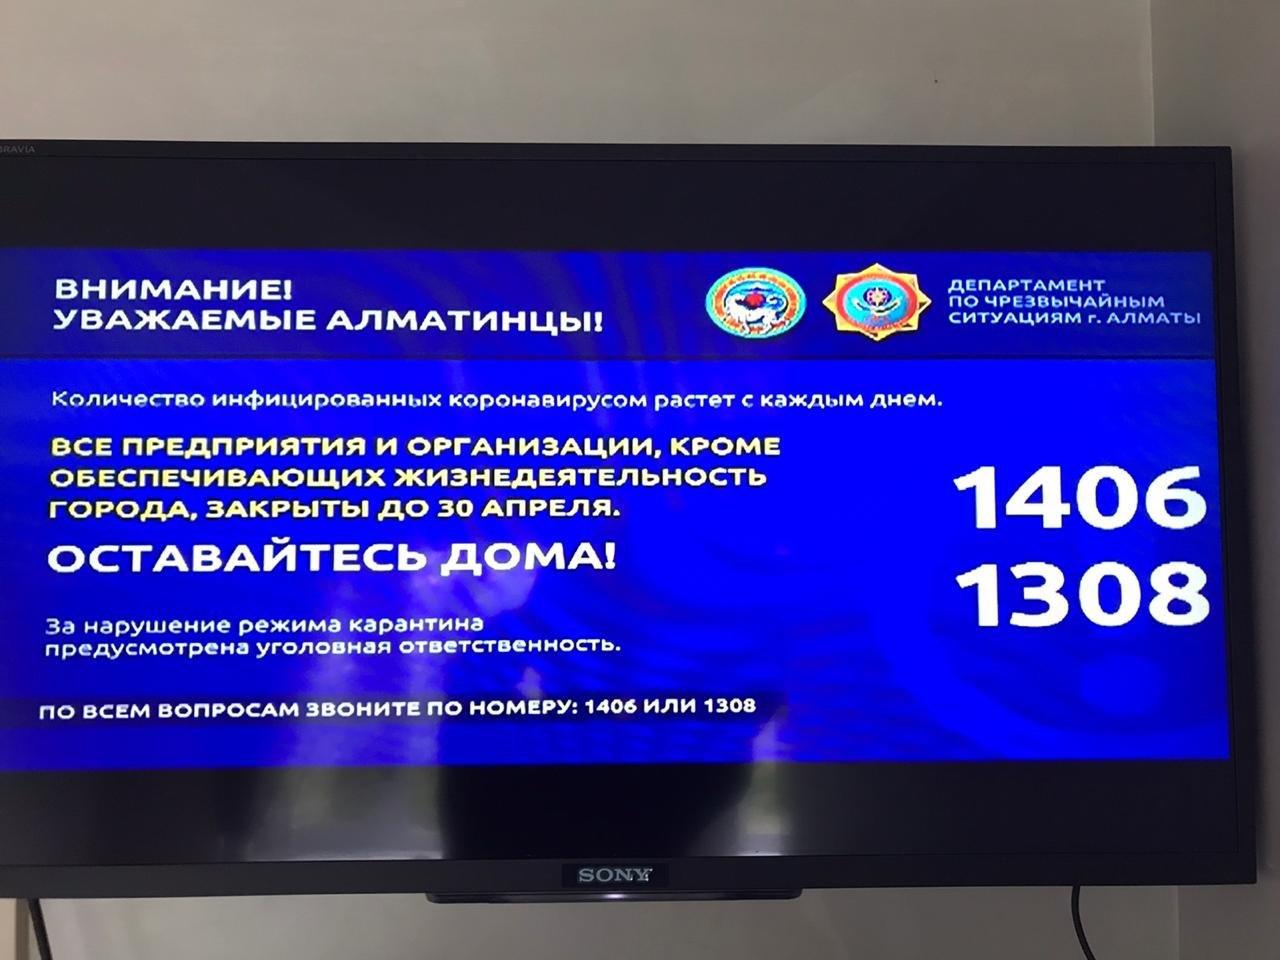 Чп в беларуси: когда его могут вводить, позволит ли это военным стрелять и как распределят продукты   horki.info